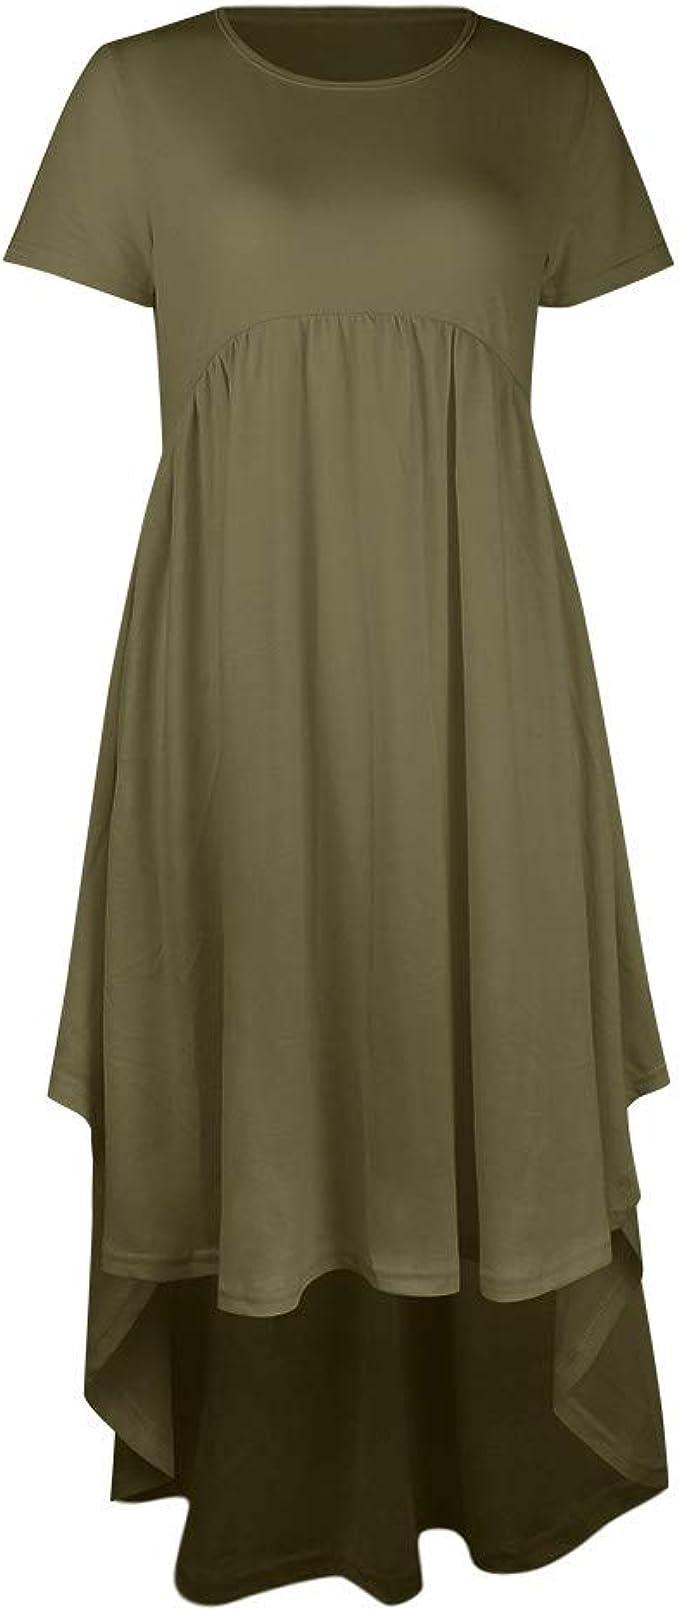 Allence Umstandskleid, Kleidung Damen Mutter Einfarbig